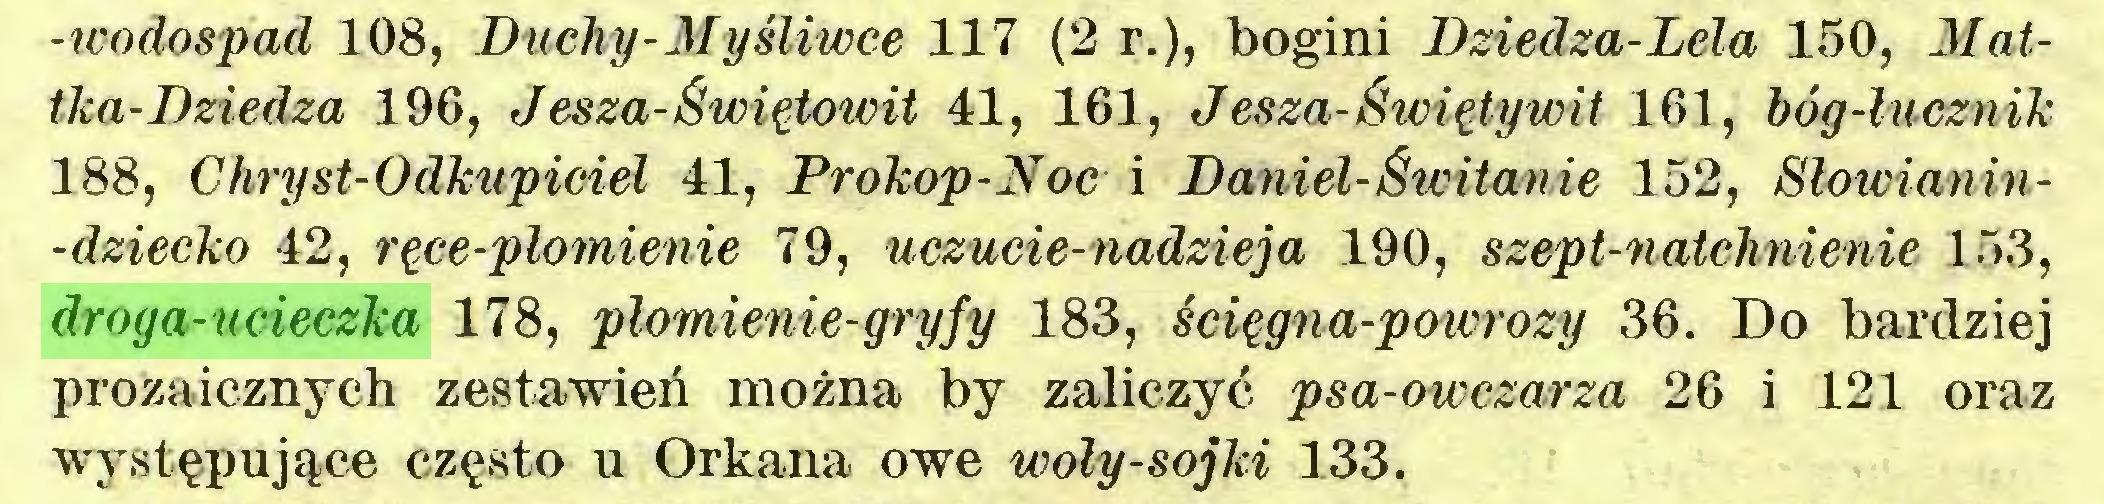 (...) -icodospad 108, Duchy-Myśliwce 117 (2 r.), bogini Dziedza-Lela 150, Mattka-Dziedza 196, J esza-Świętowit 41, 161, Jesza-Święty wit 161, bóg-łucznik 188, Chryst-Odkupiciel 41, Prokop-Noc i Daniel-Świtanie 152, Słowianin-dziecko 42, ręce-płomienie 79, uczucie-nadzieja 190, szept-natchnienie 153, droga-ucieczka 178, płomienie-gryfy 183, ścięgna-powrozy 36. Do bardziej prozaicznych zestawień można by zaliczyć psa-owczarza 26 i 121 oraz występujące często u Orkana owe woly-sojki 133...